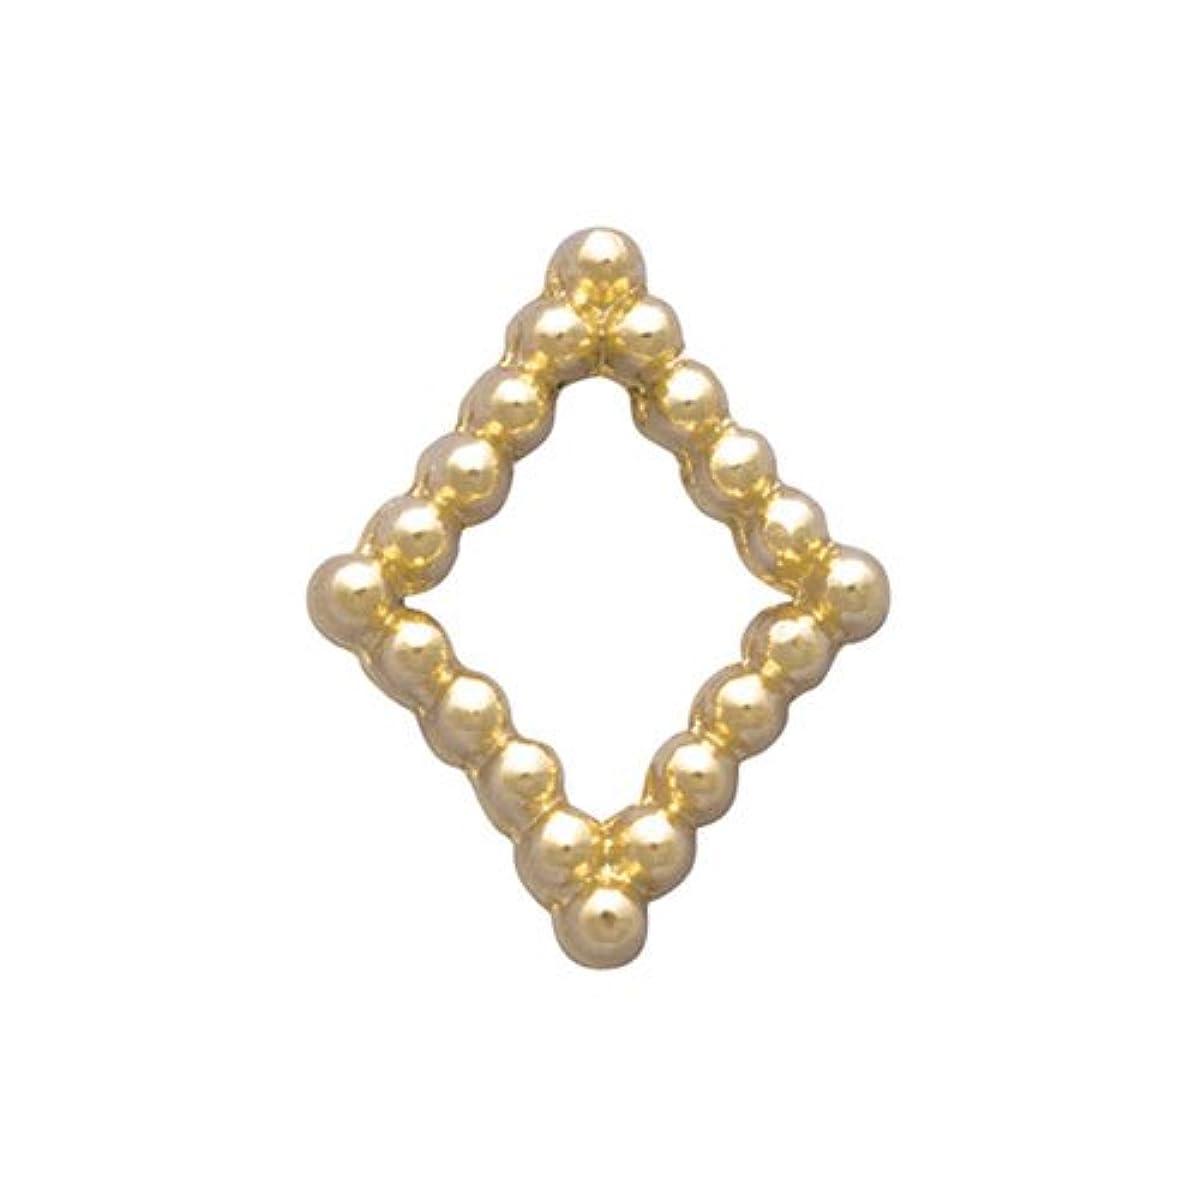 補助アラビア語信念プリティーネイル ネイルアートパーツ ブリオンキラキラS ゴールド PN-733G 15個